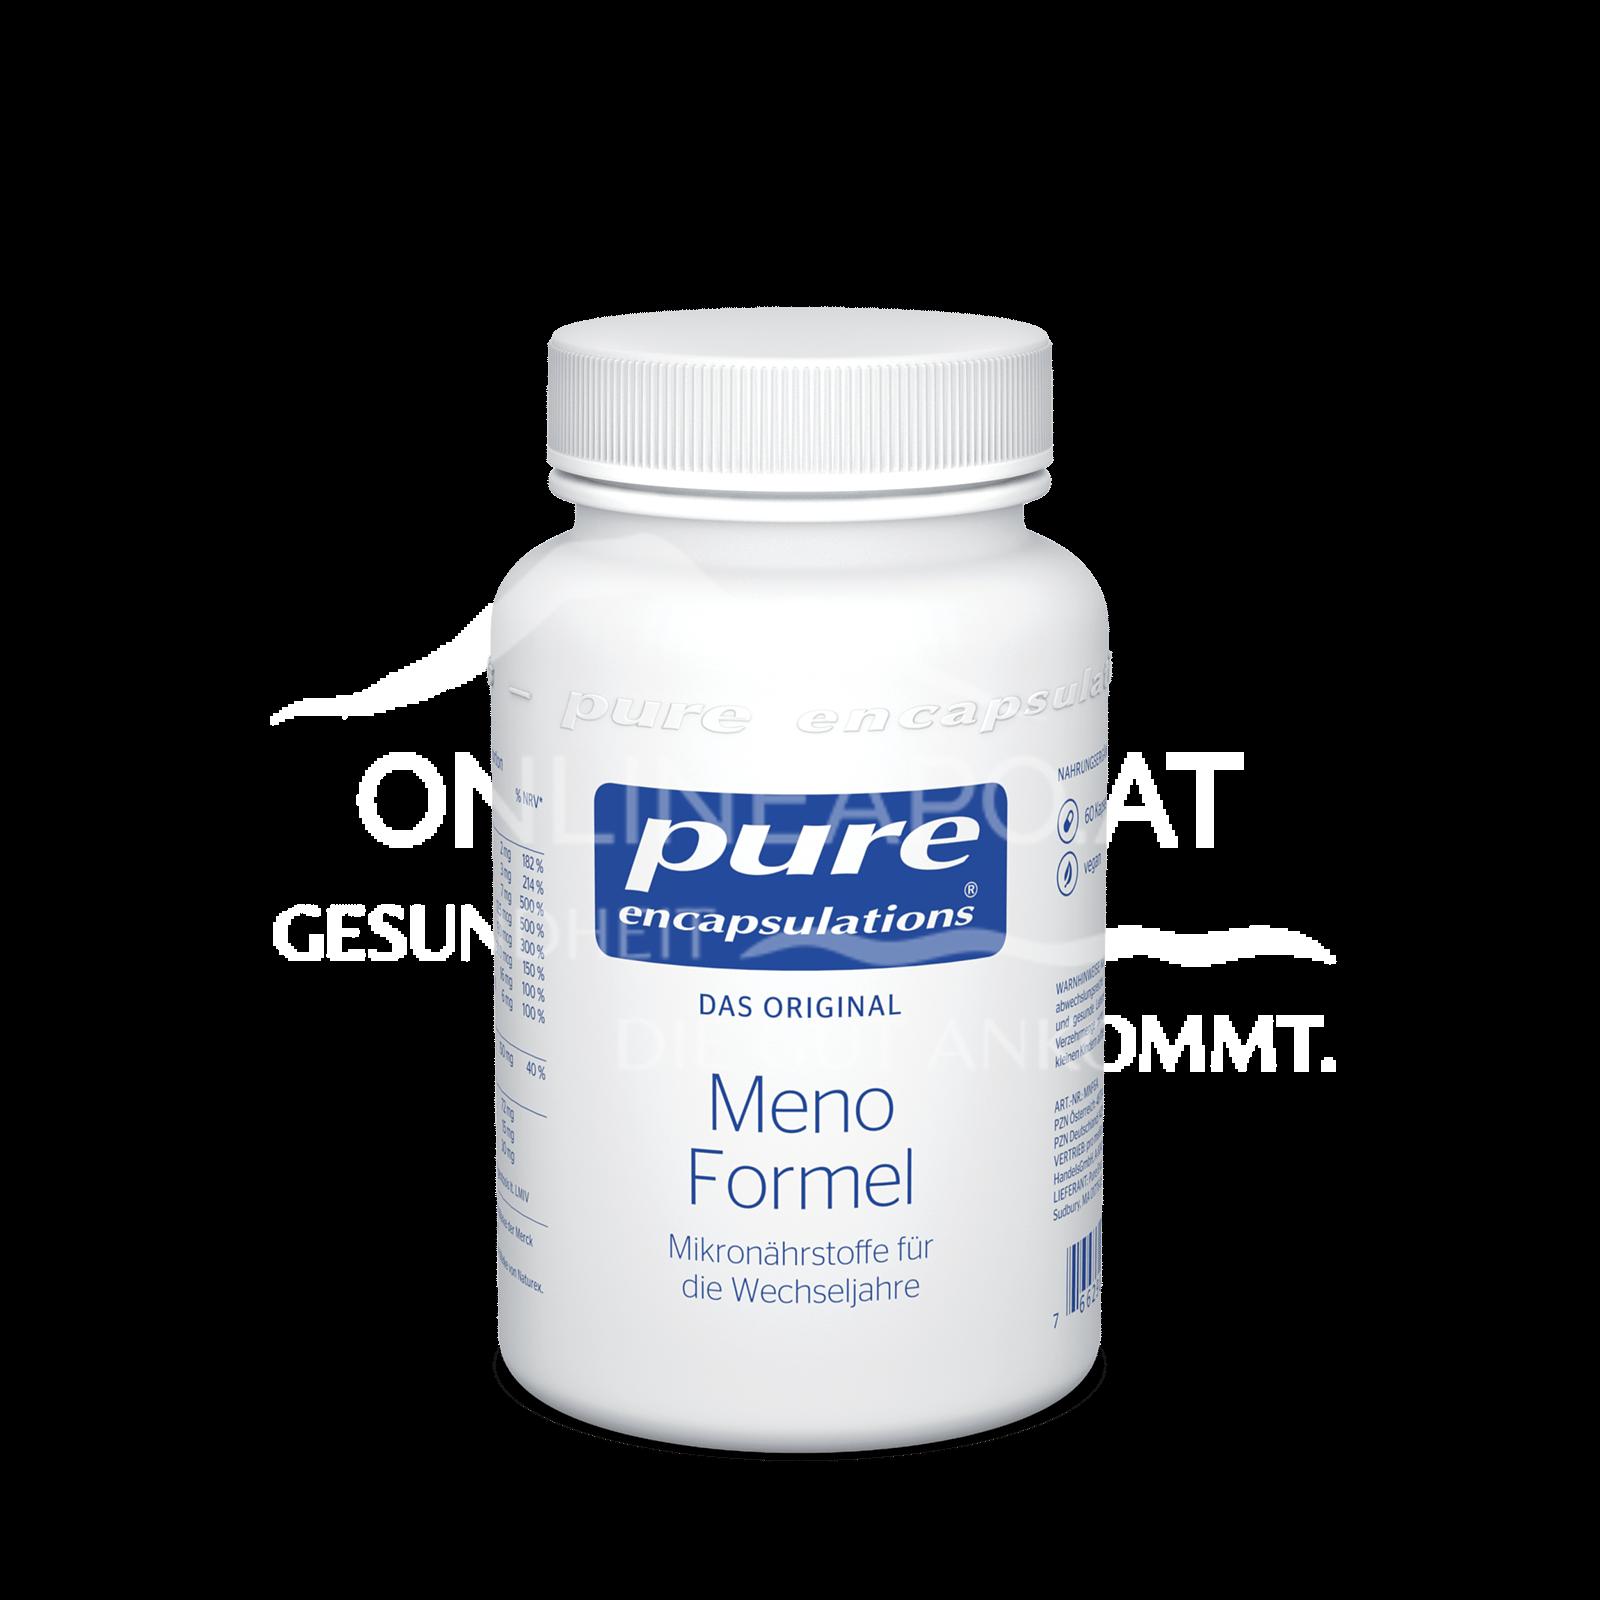 pure encapsulations® Meno Formel